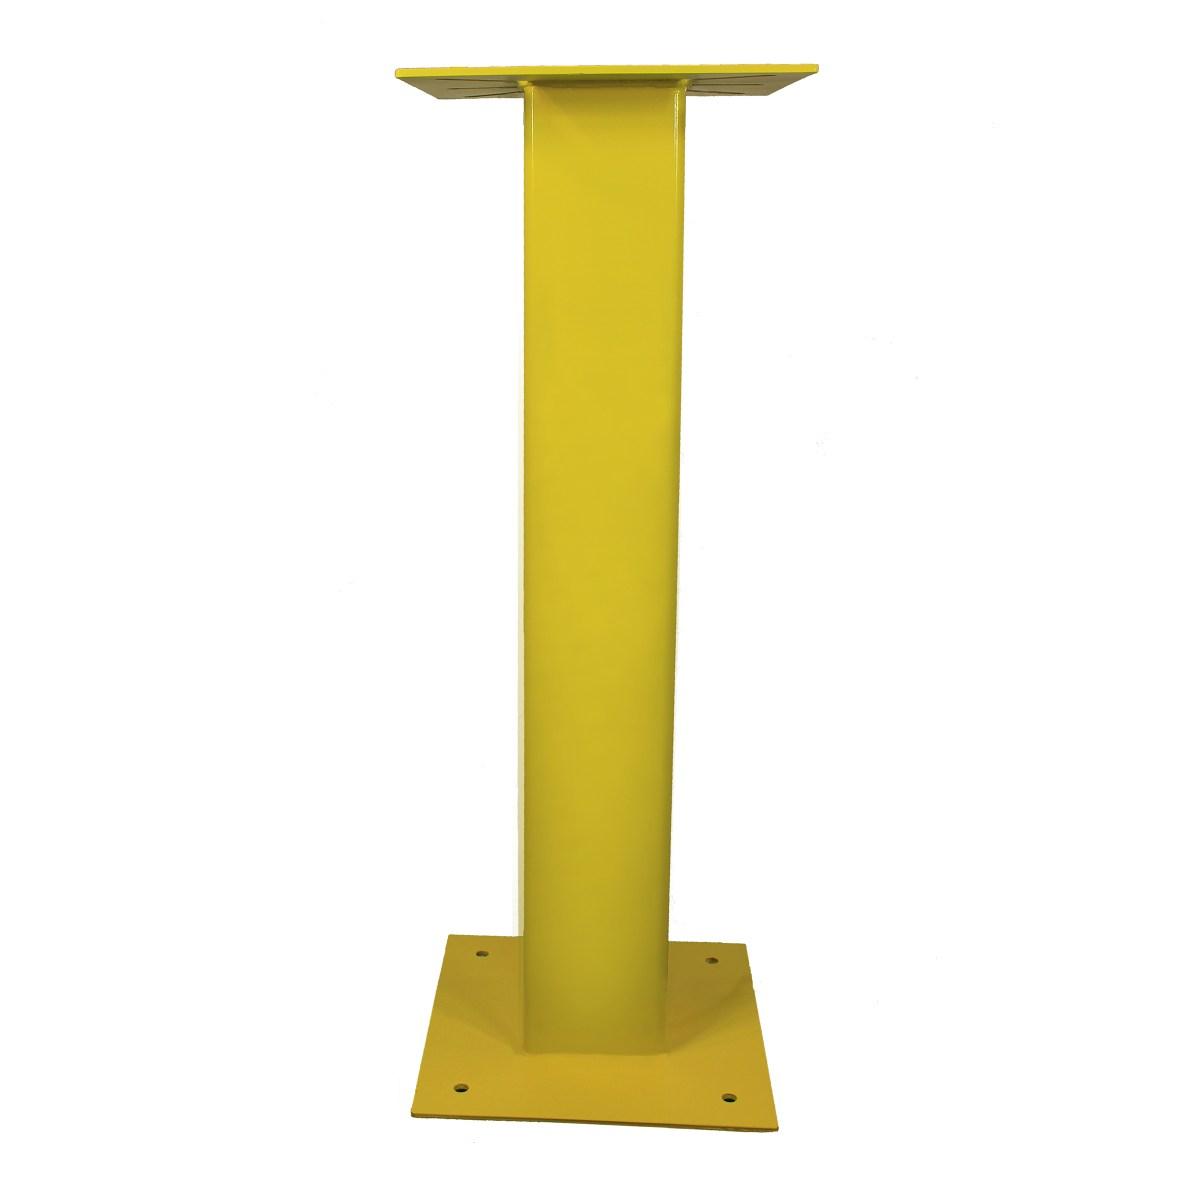 Bench Grinder Pedestal Stand Odiz